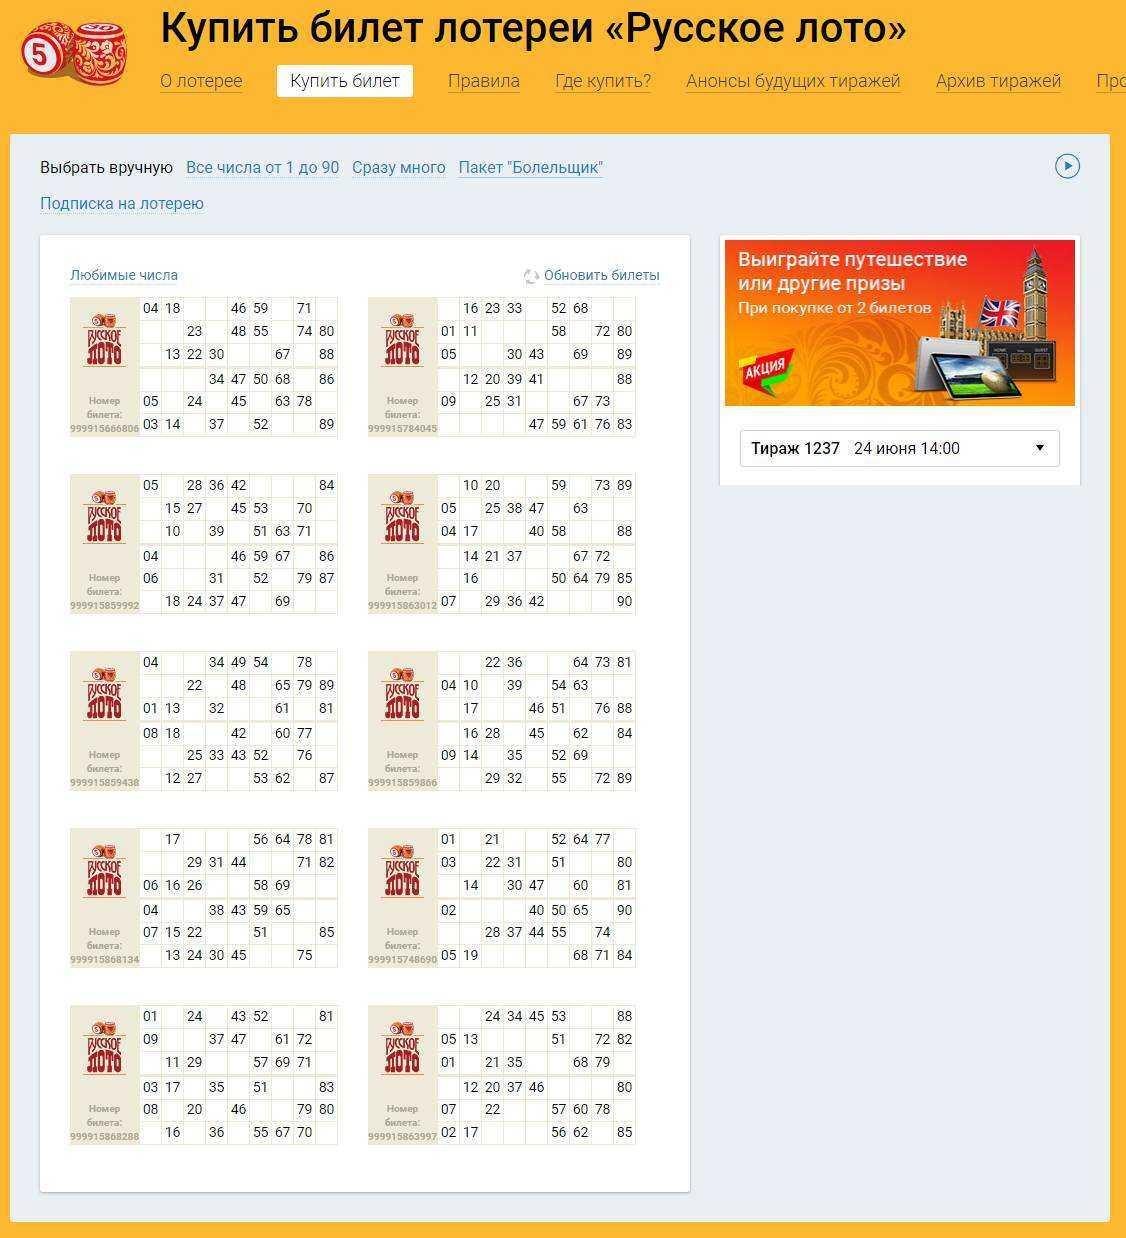 Регистрация и вход в личный кабинет столото, покупка и проверка билета онлайн